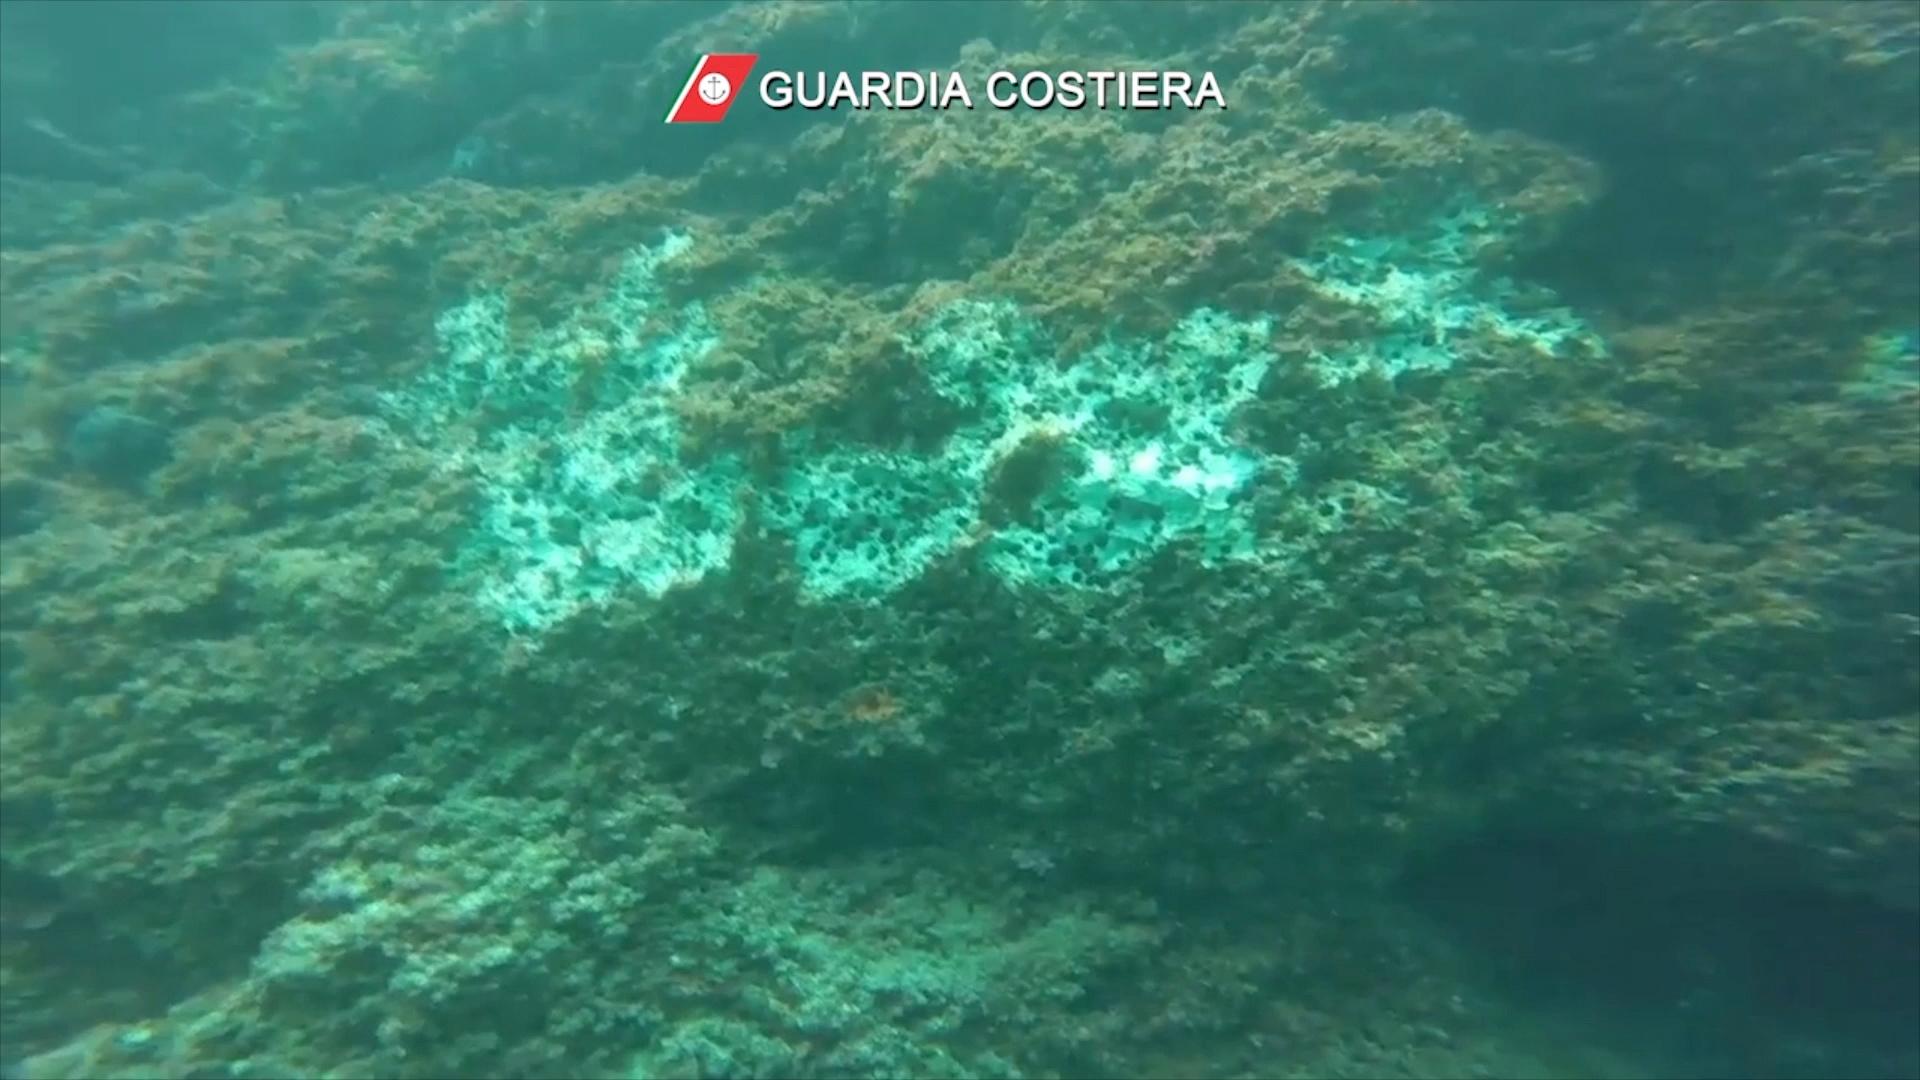 Një pamje e përgjithshme e shkëmbinjve të dëmtuar nënujorë pasi zhytësit përdorën çekanë për të korrur në mënyrë të paligjshme midhje hurme në Detin Tirren siç shihet në këtë screengrab marrë nga një video e lëshuar në 28 korrik 2021. Rojet bregdetare italiane / fletëpalosja përmes REUTERS